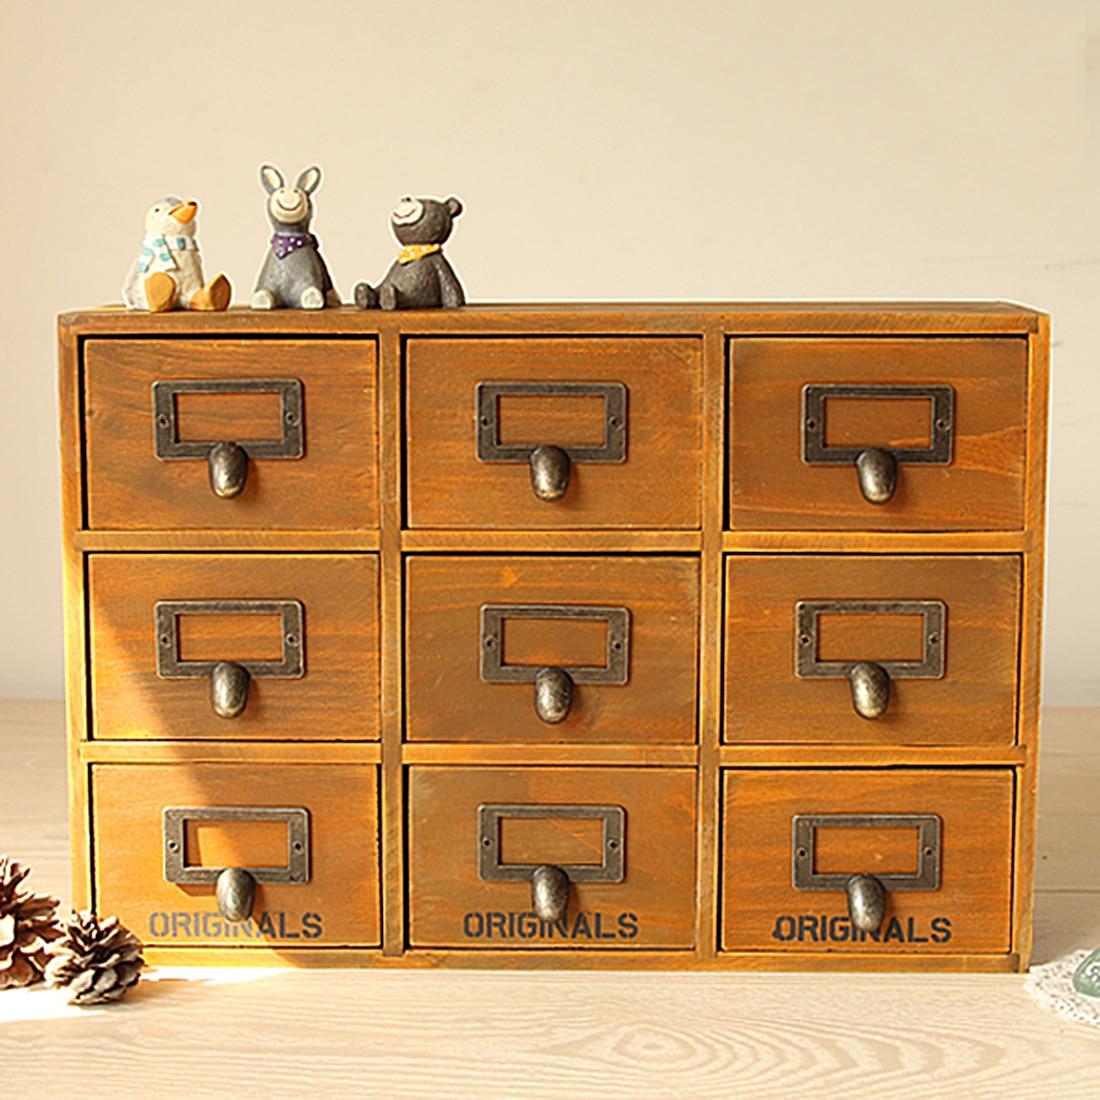 Retro Design Household Essentials 3 Level 9 Drawer Zakka Wooden ...